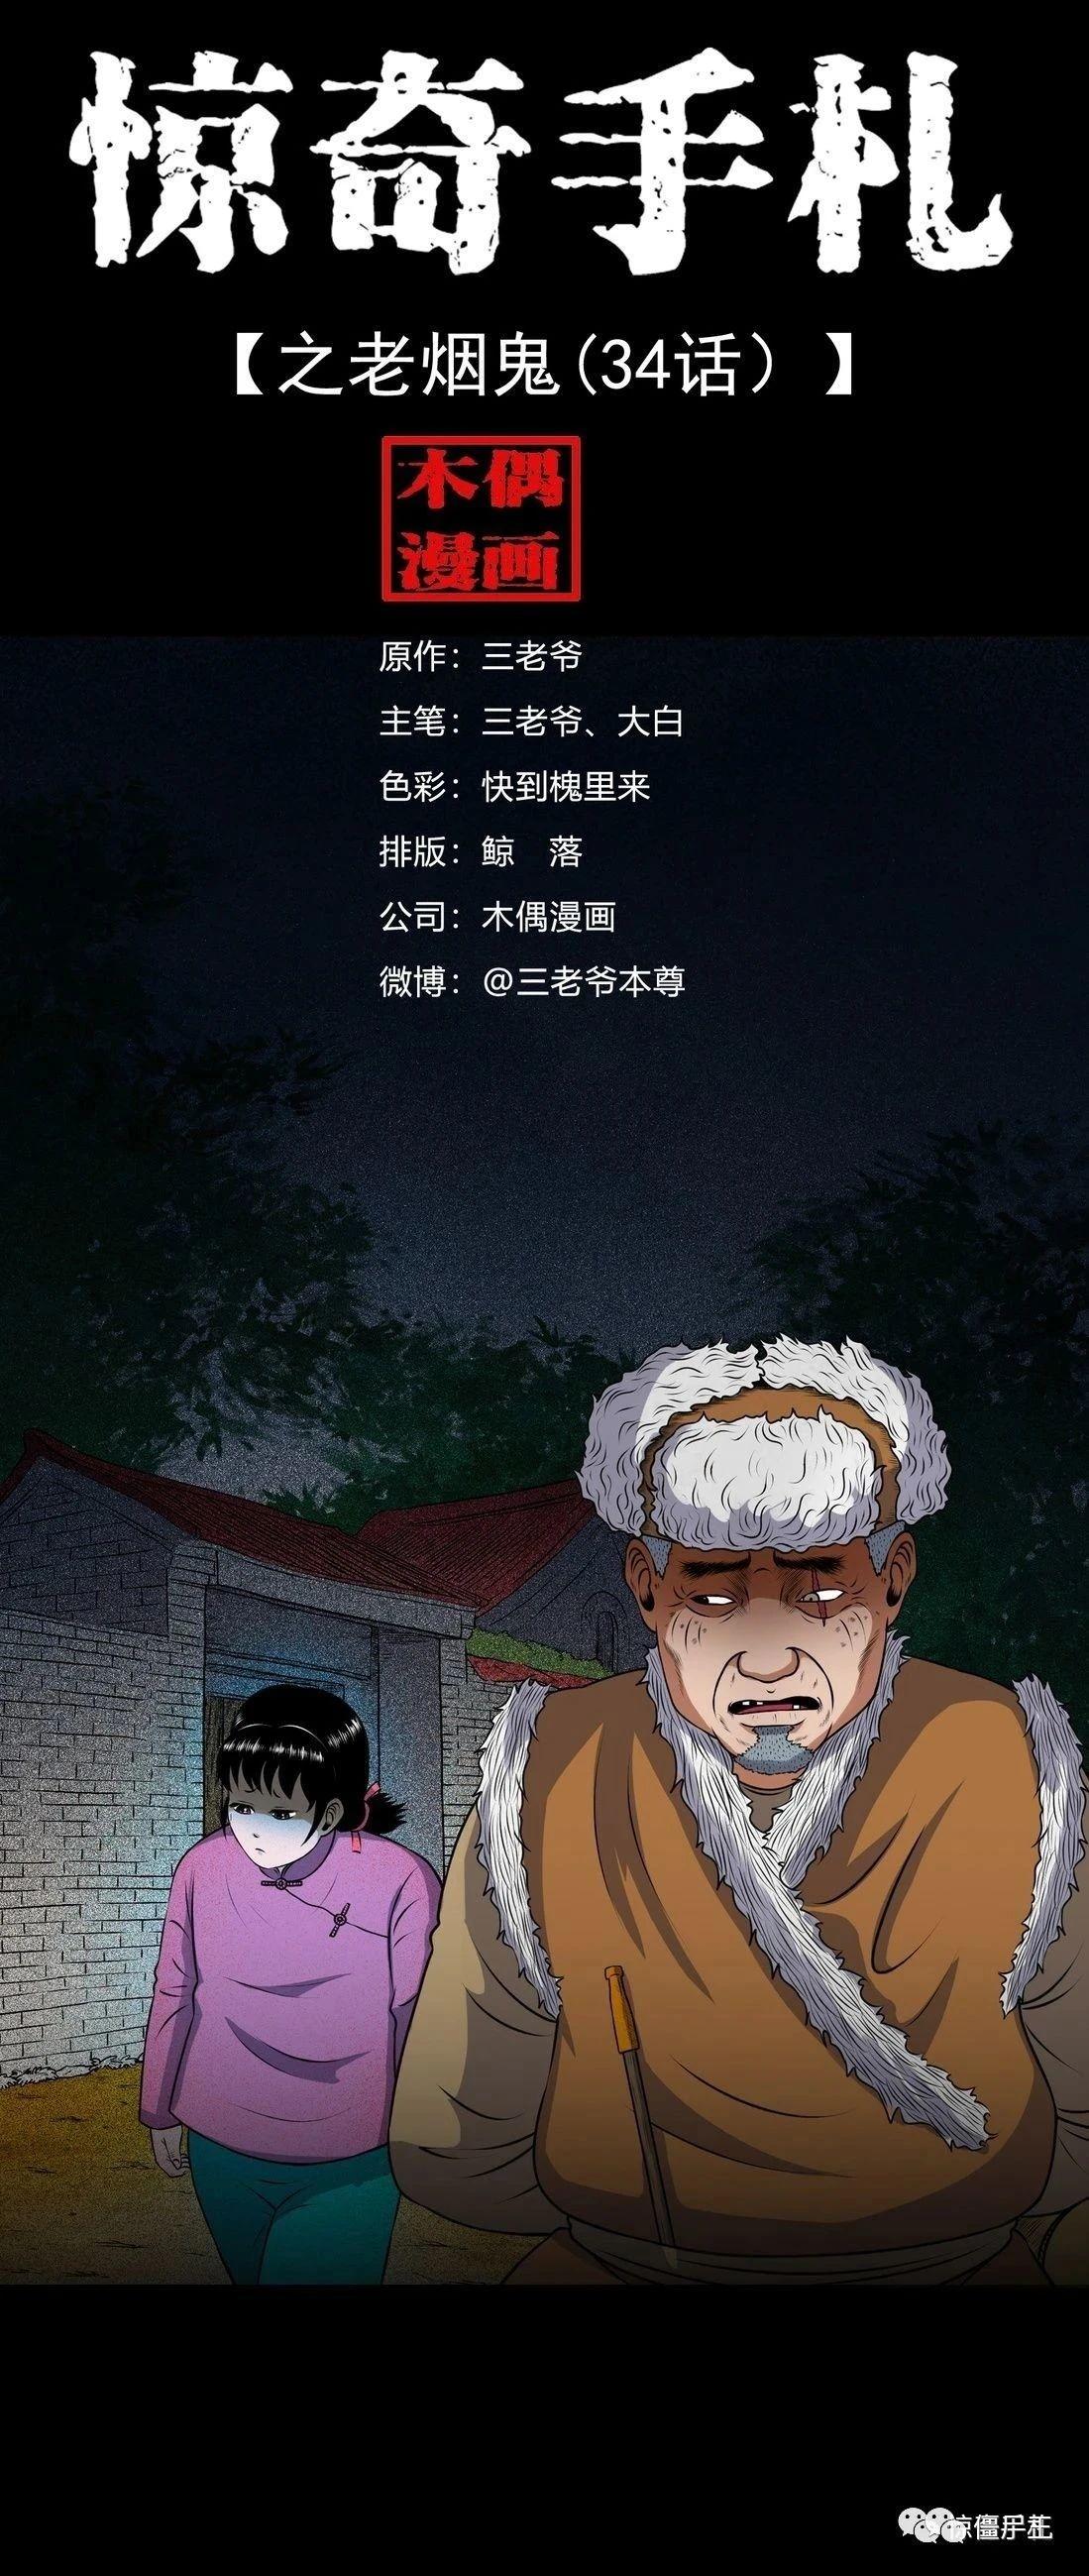 僵尸王漫画:惊奇手札之老烟鬼(三十四)